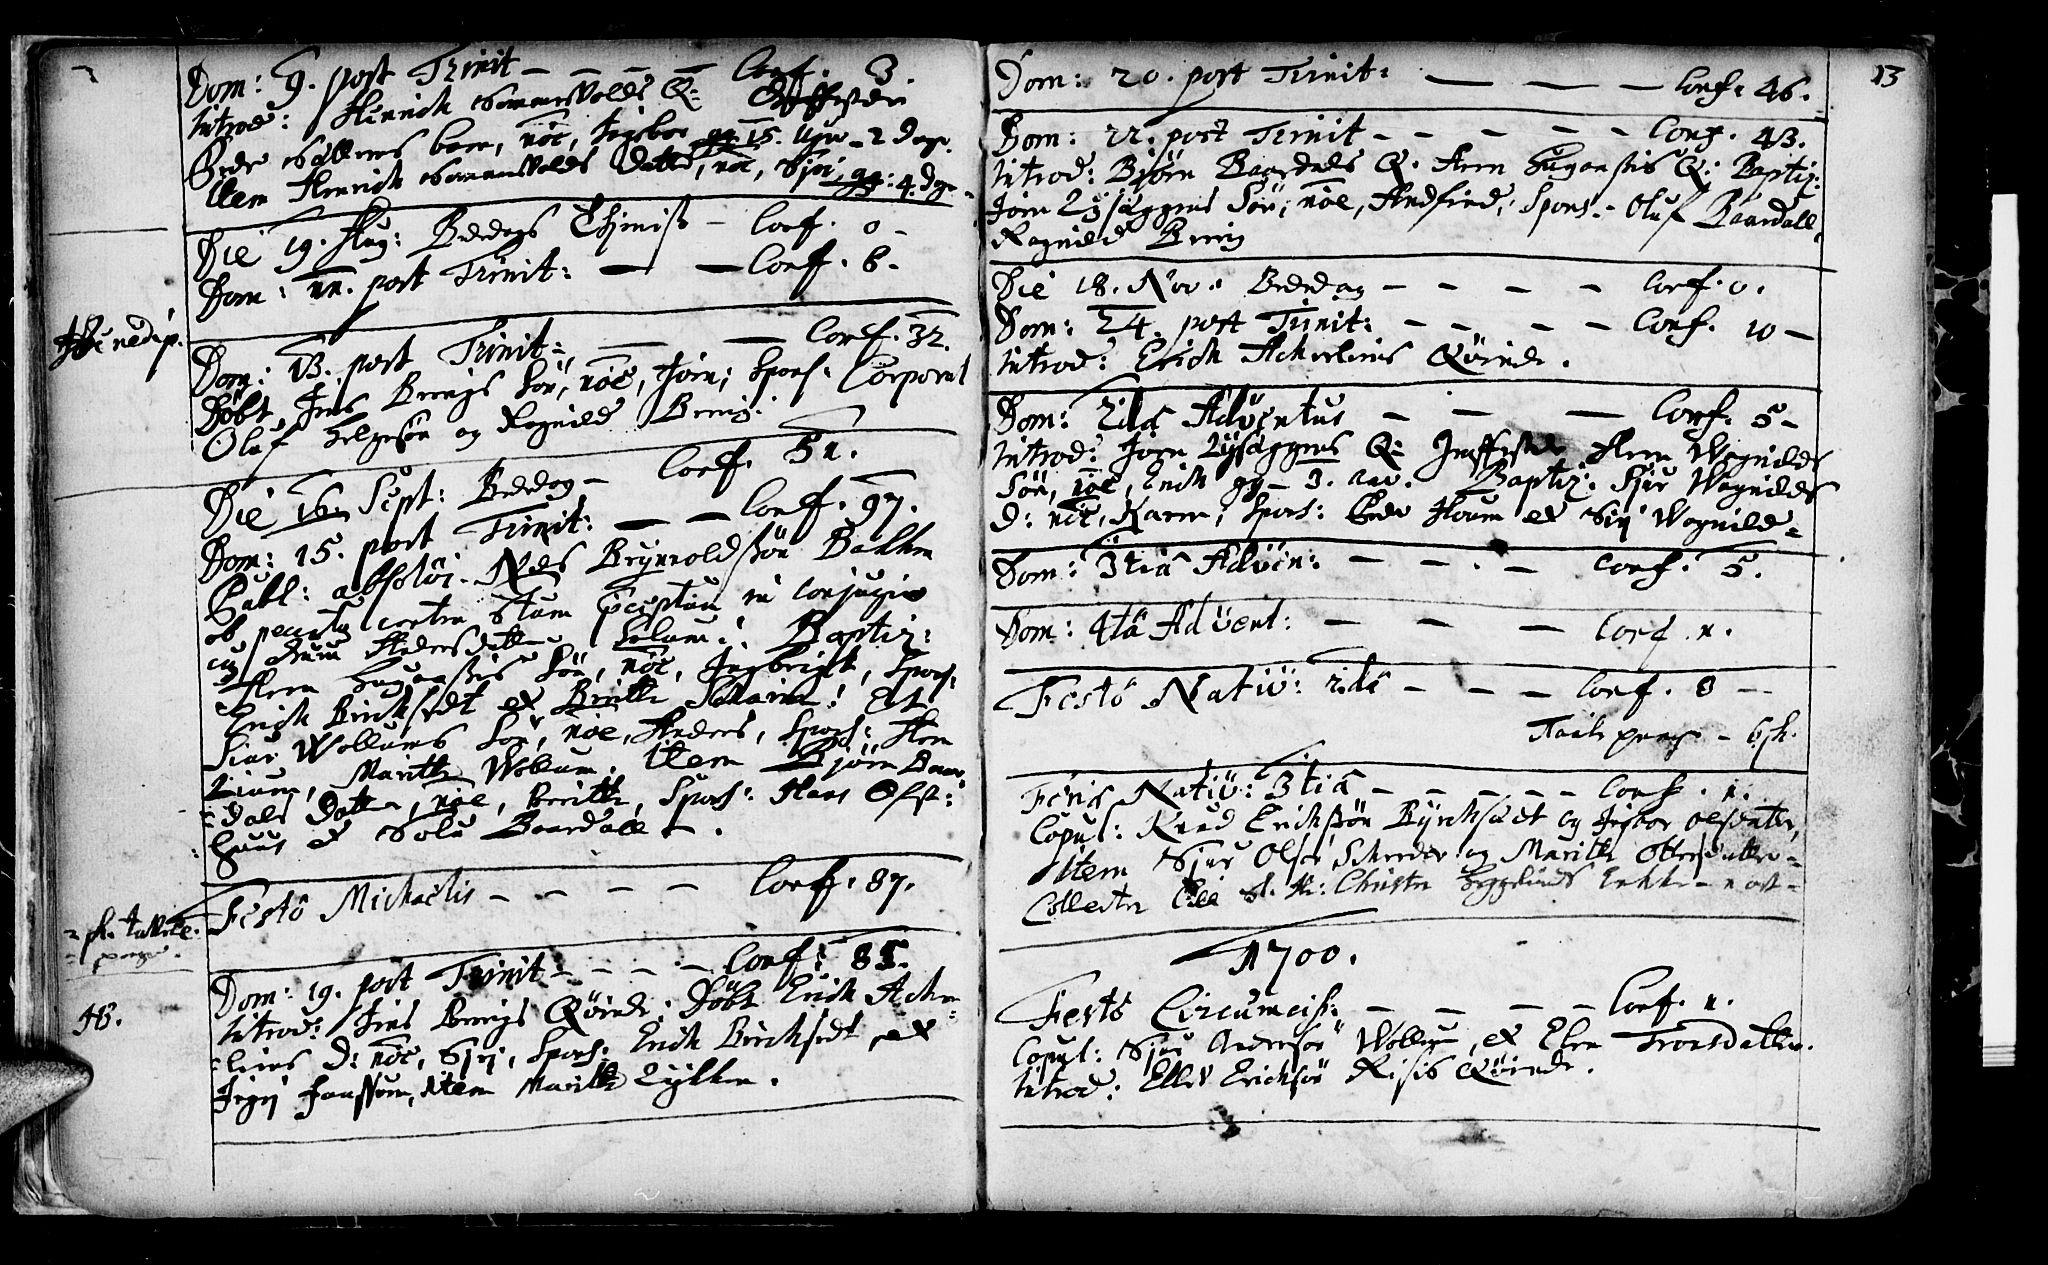 SAT, Ministerialprotokoller, klokkerbøker og fødselsregistre - Sør-Trøndelag, 689/L1036: Ministerialbok nr. 689A01, 1696-1746, s. 13